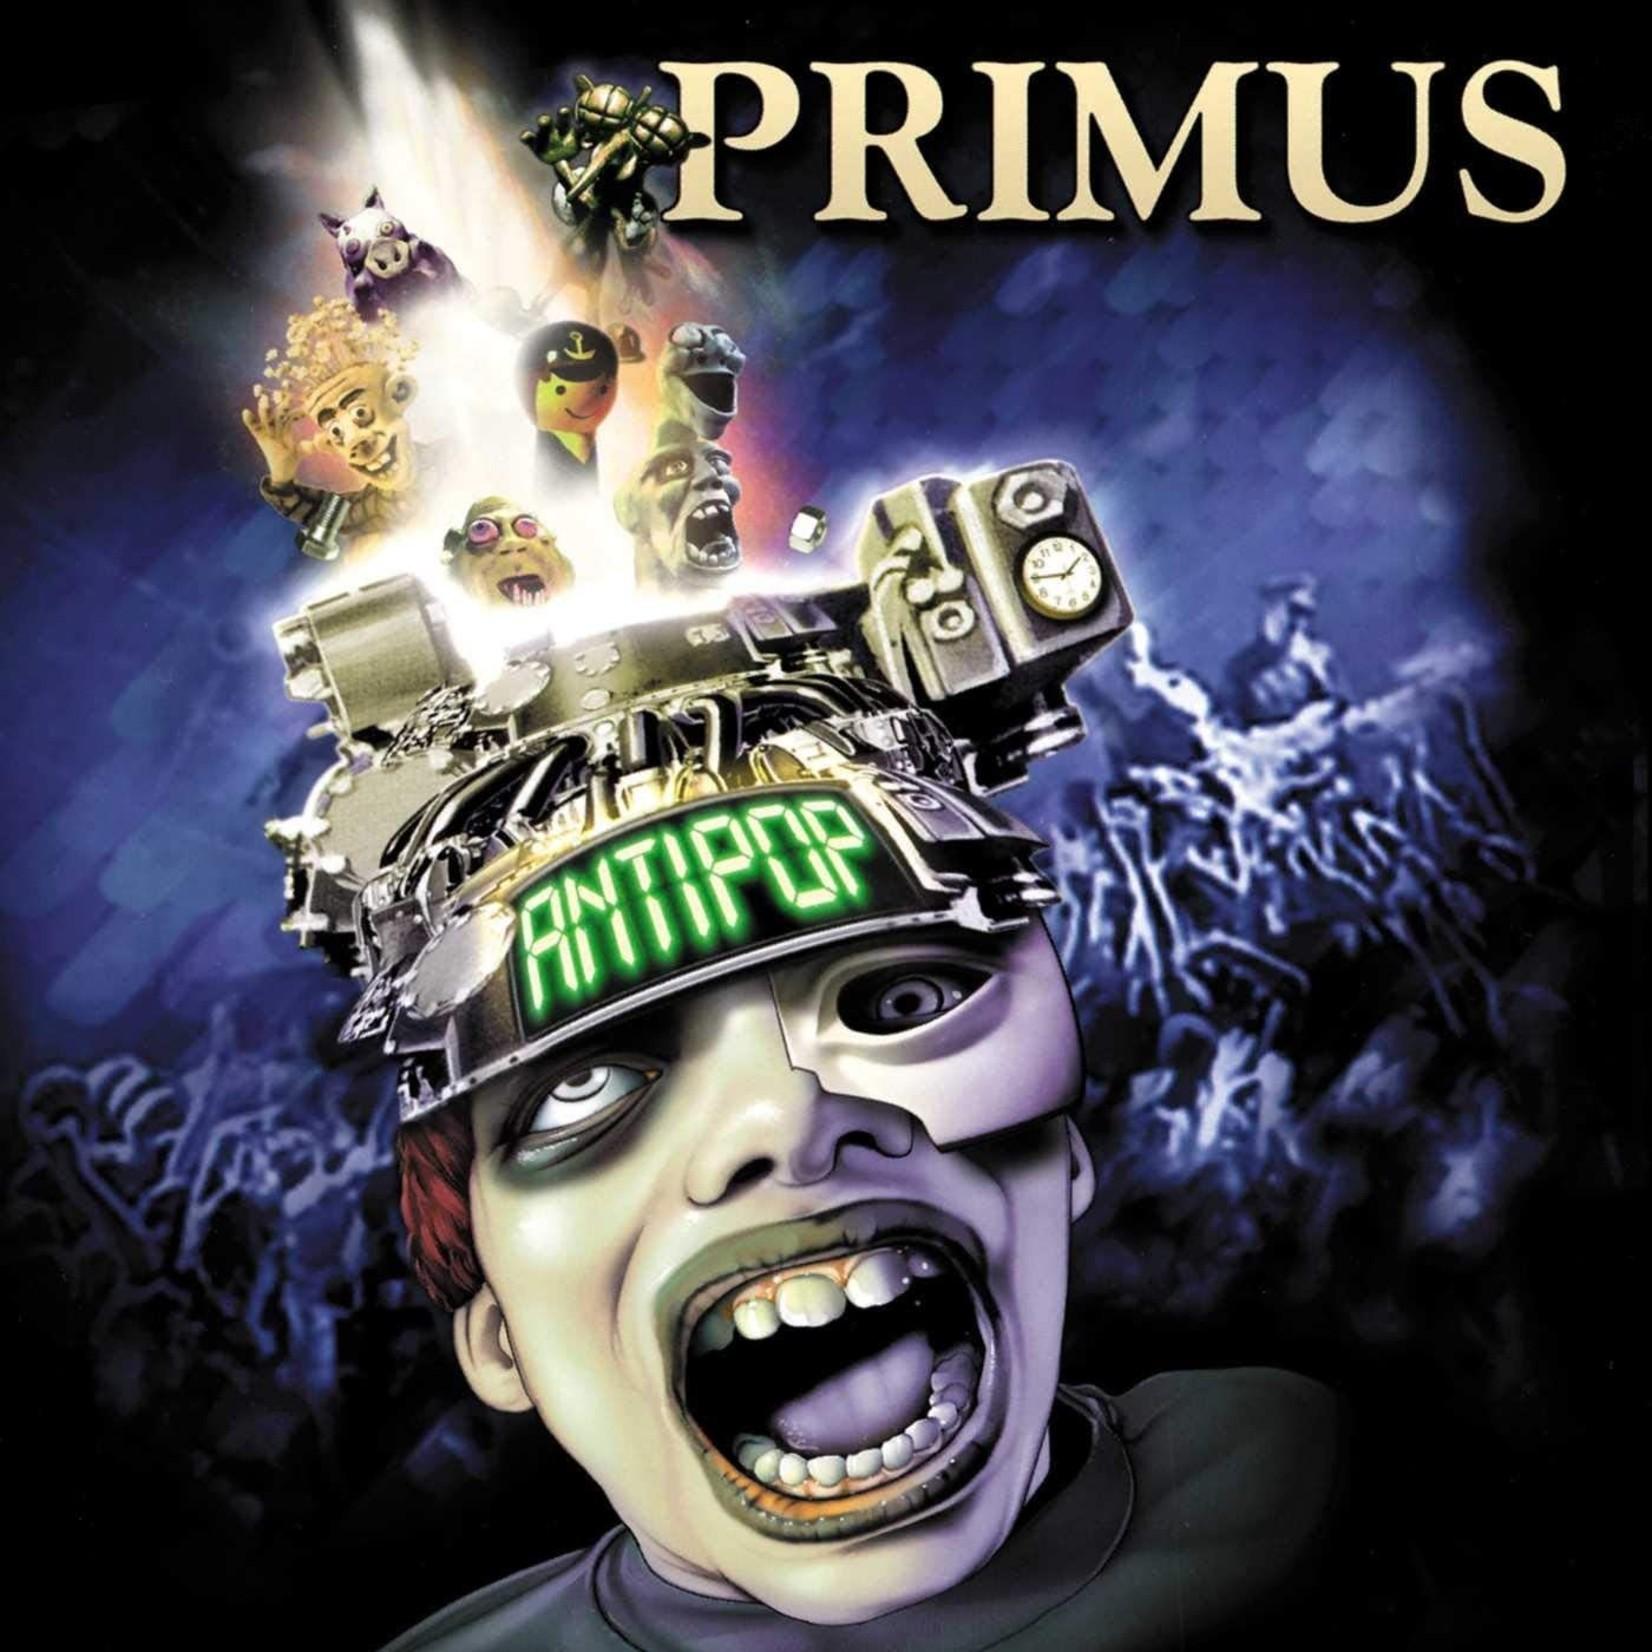 PRIMUS ANTIPOP (2LP)